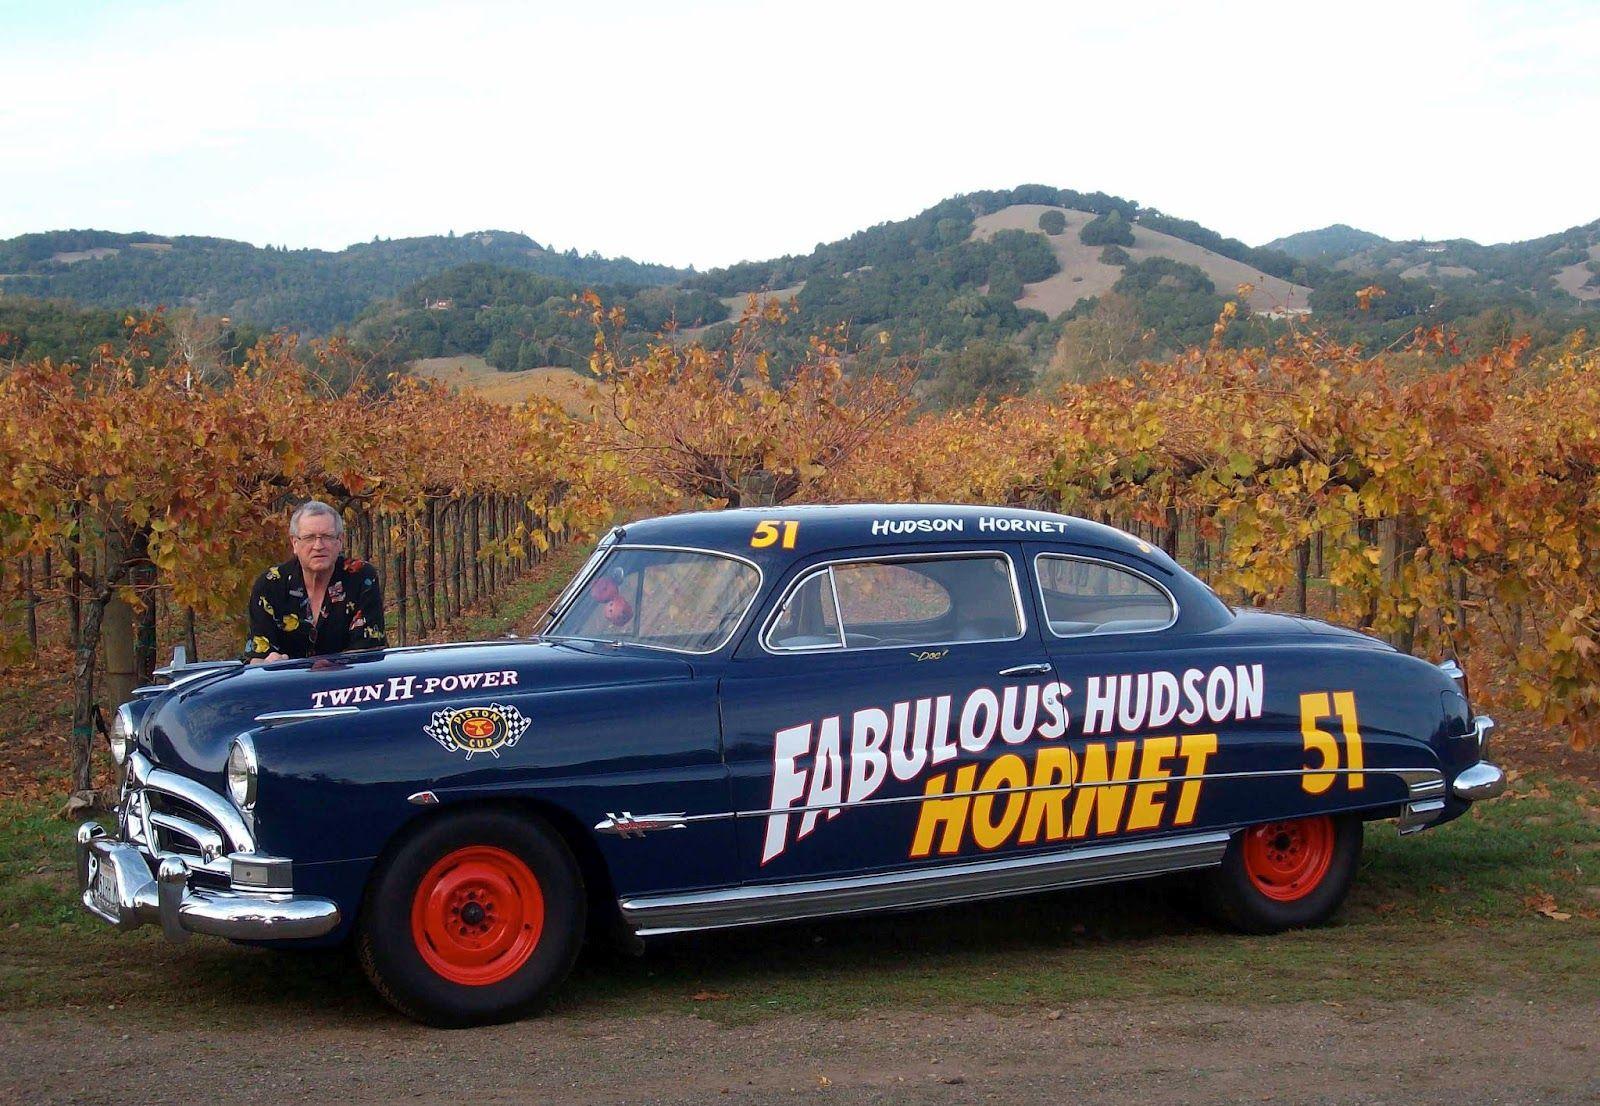 Real Hudson Hornet Cool Pix Pinterest Cars